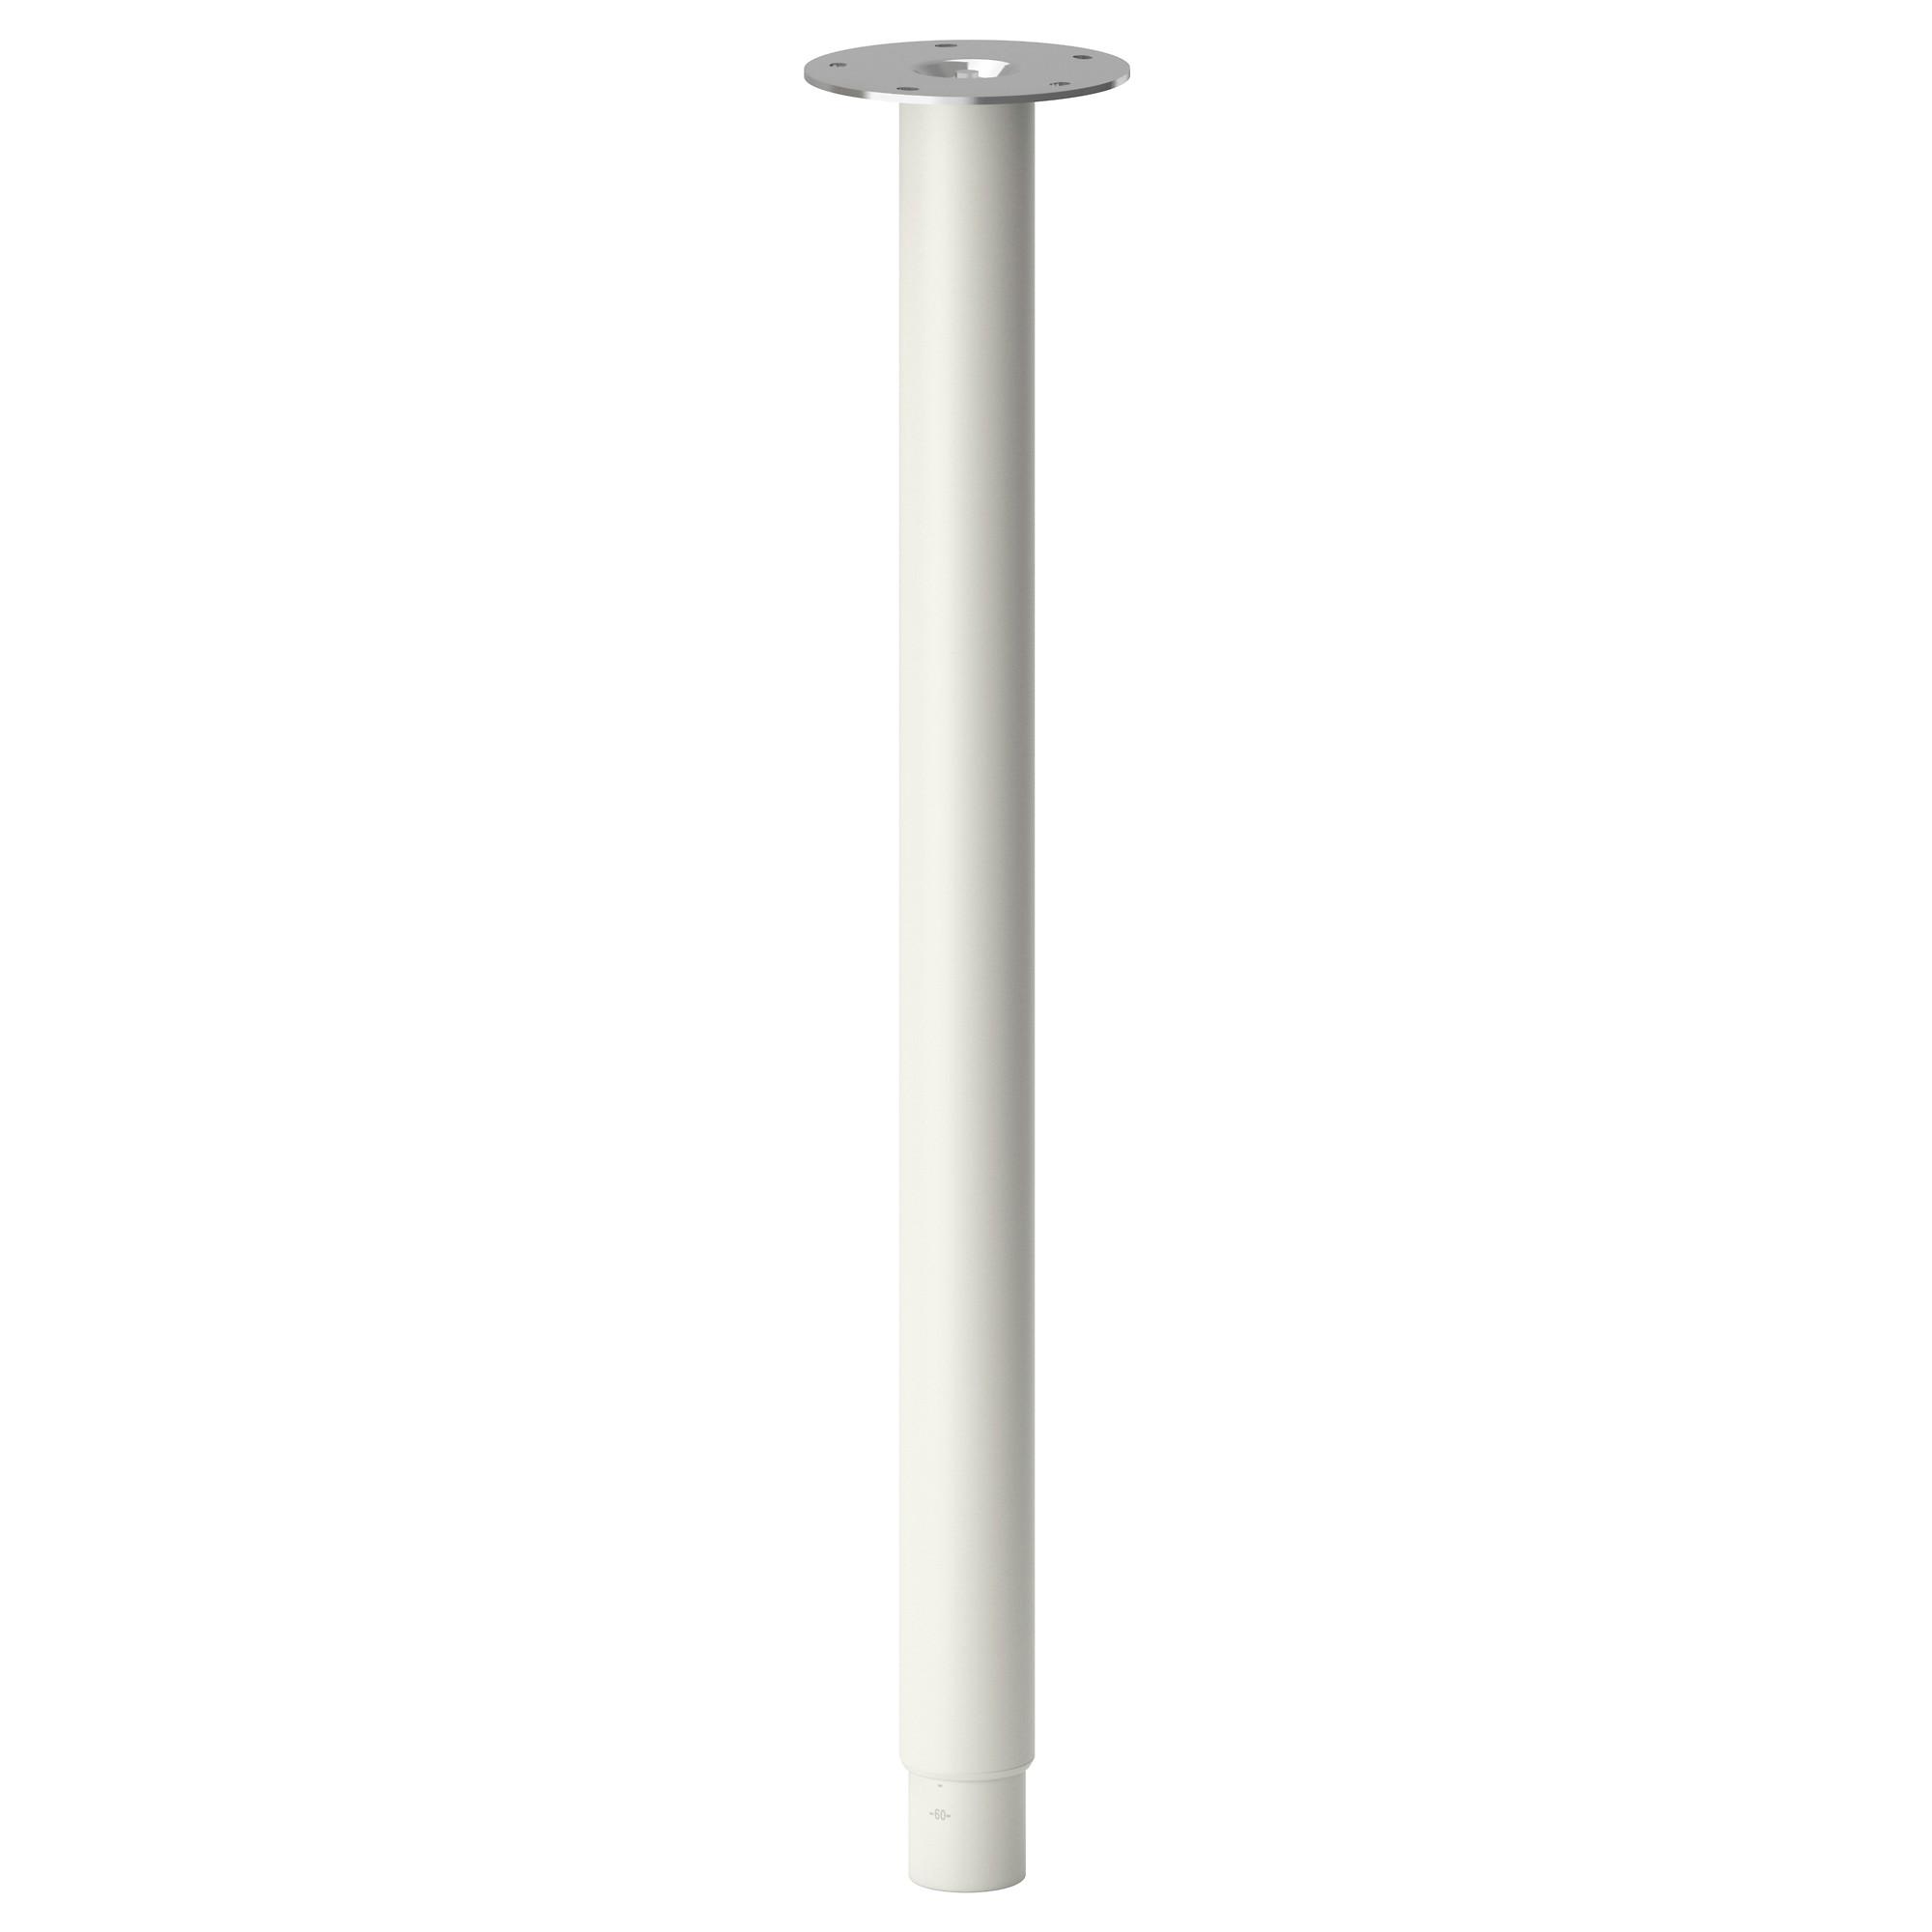 olov-leg-adjustable-white__0217790_PE375075_S5.JPG